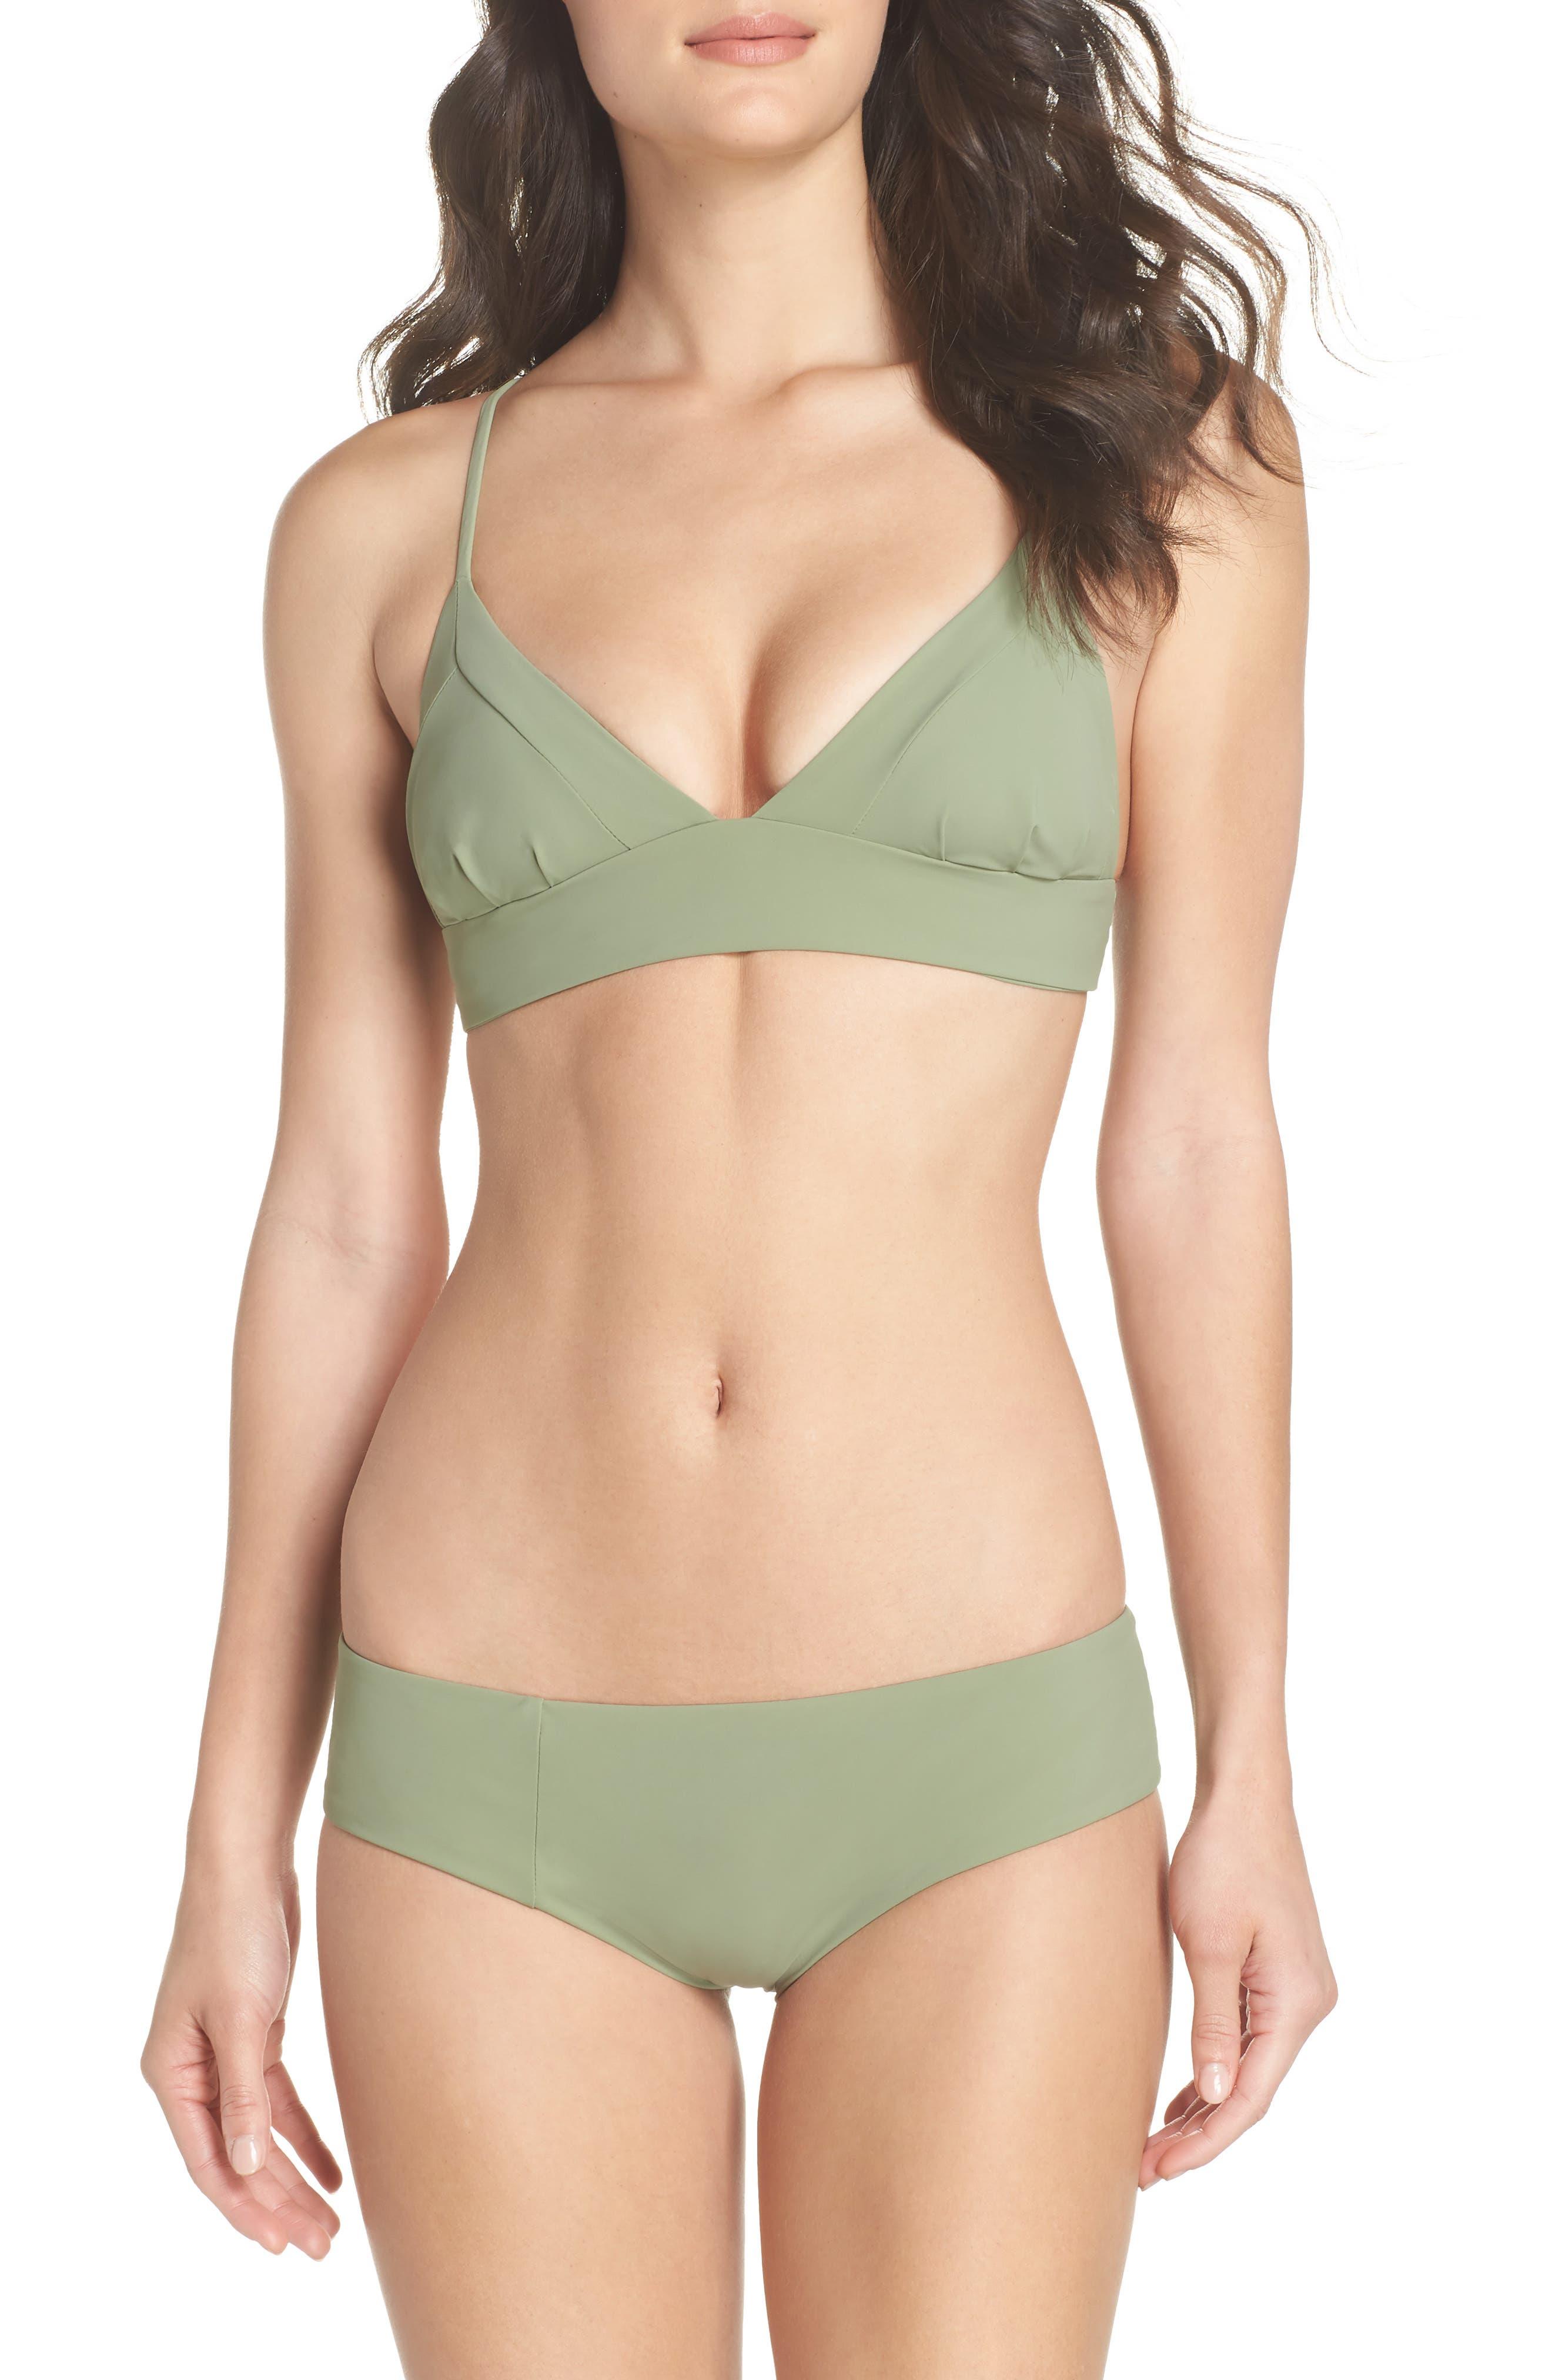 Dana the Delinquent Bikini Top,                             Alternate thumbnail 7, color,                             SAGE